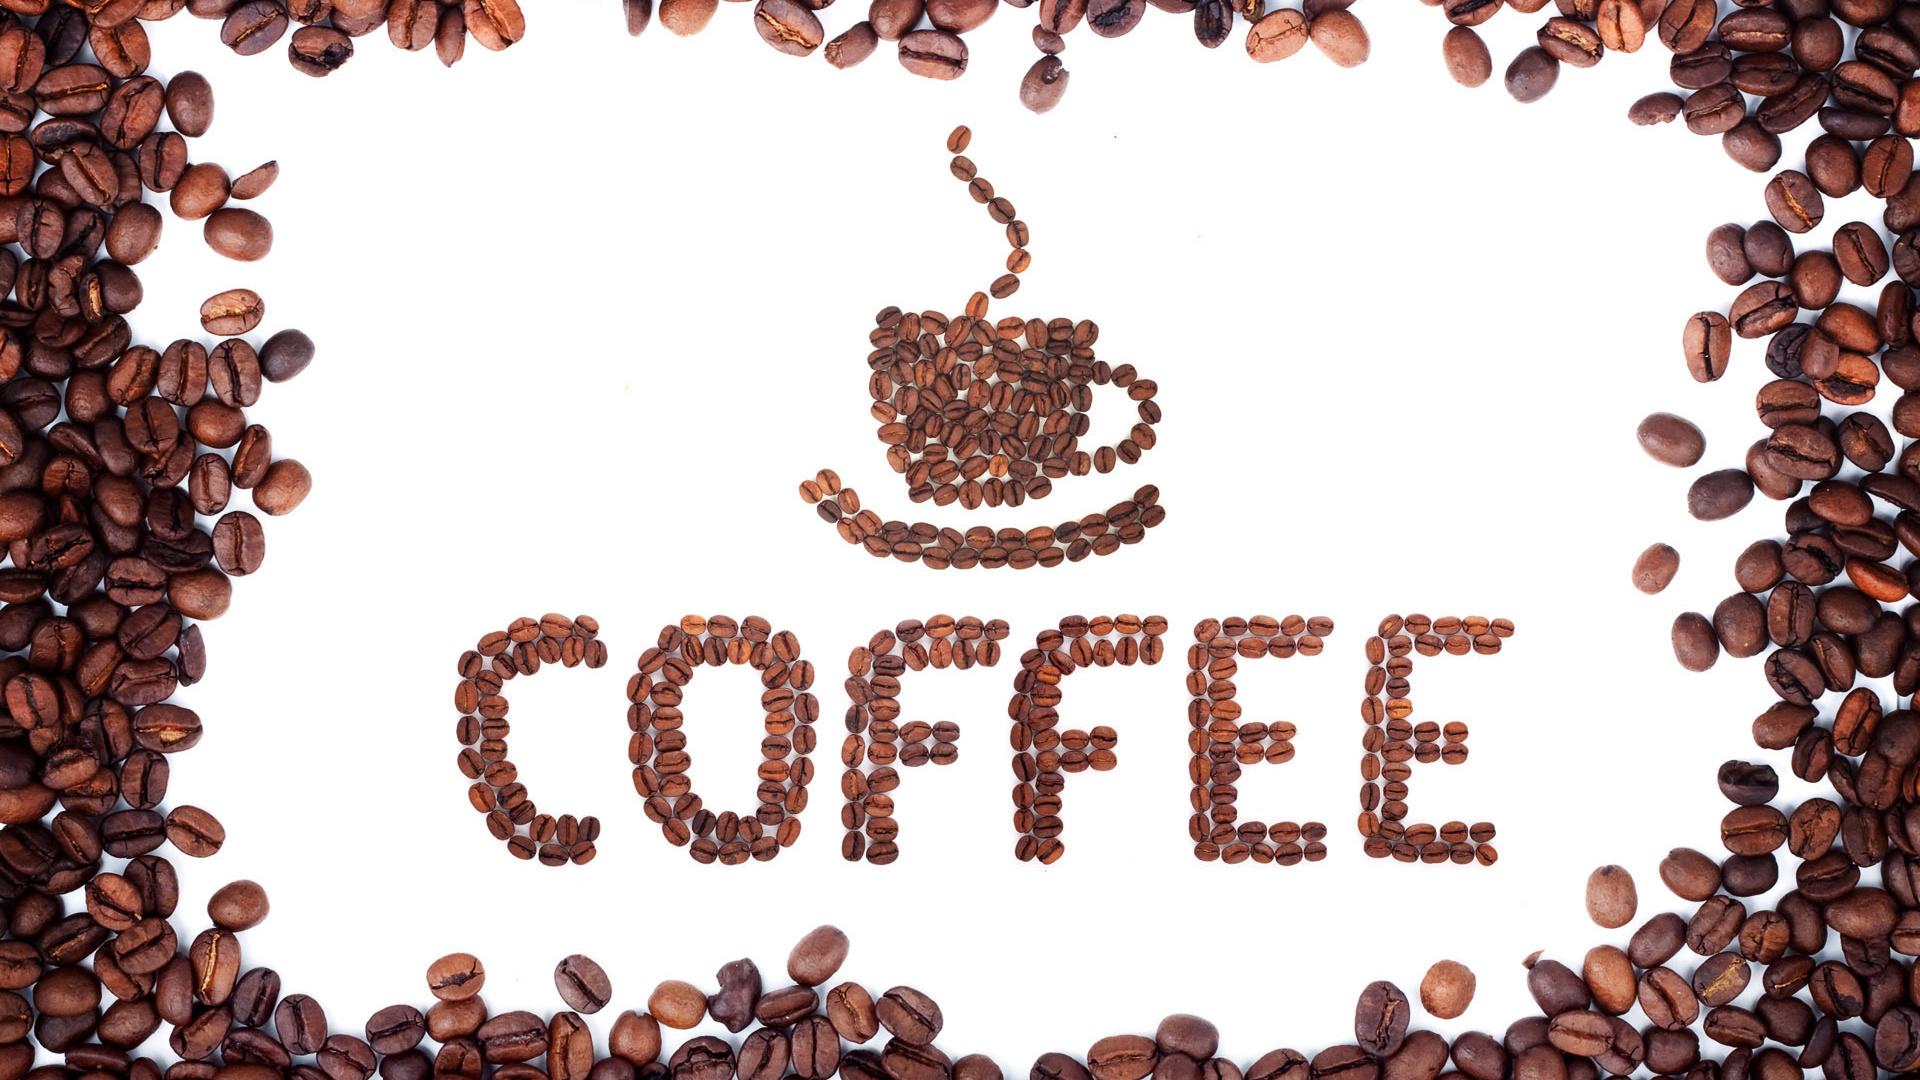 Вы любите кофе? 10 фактов про кофе, которых вы не знали!